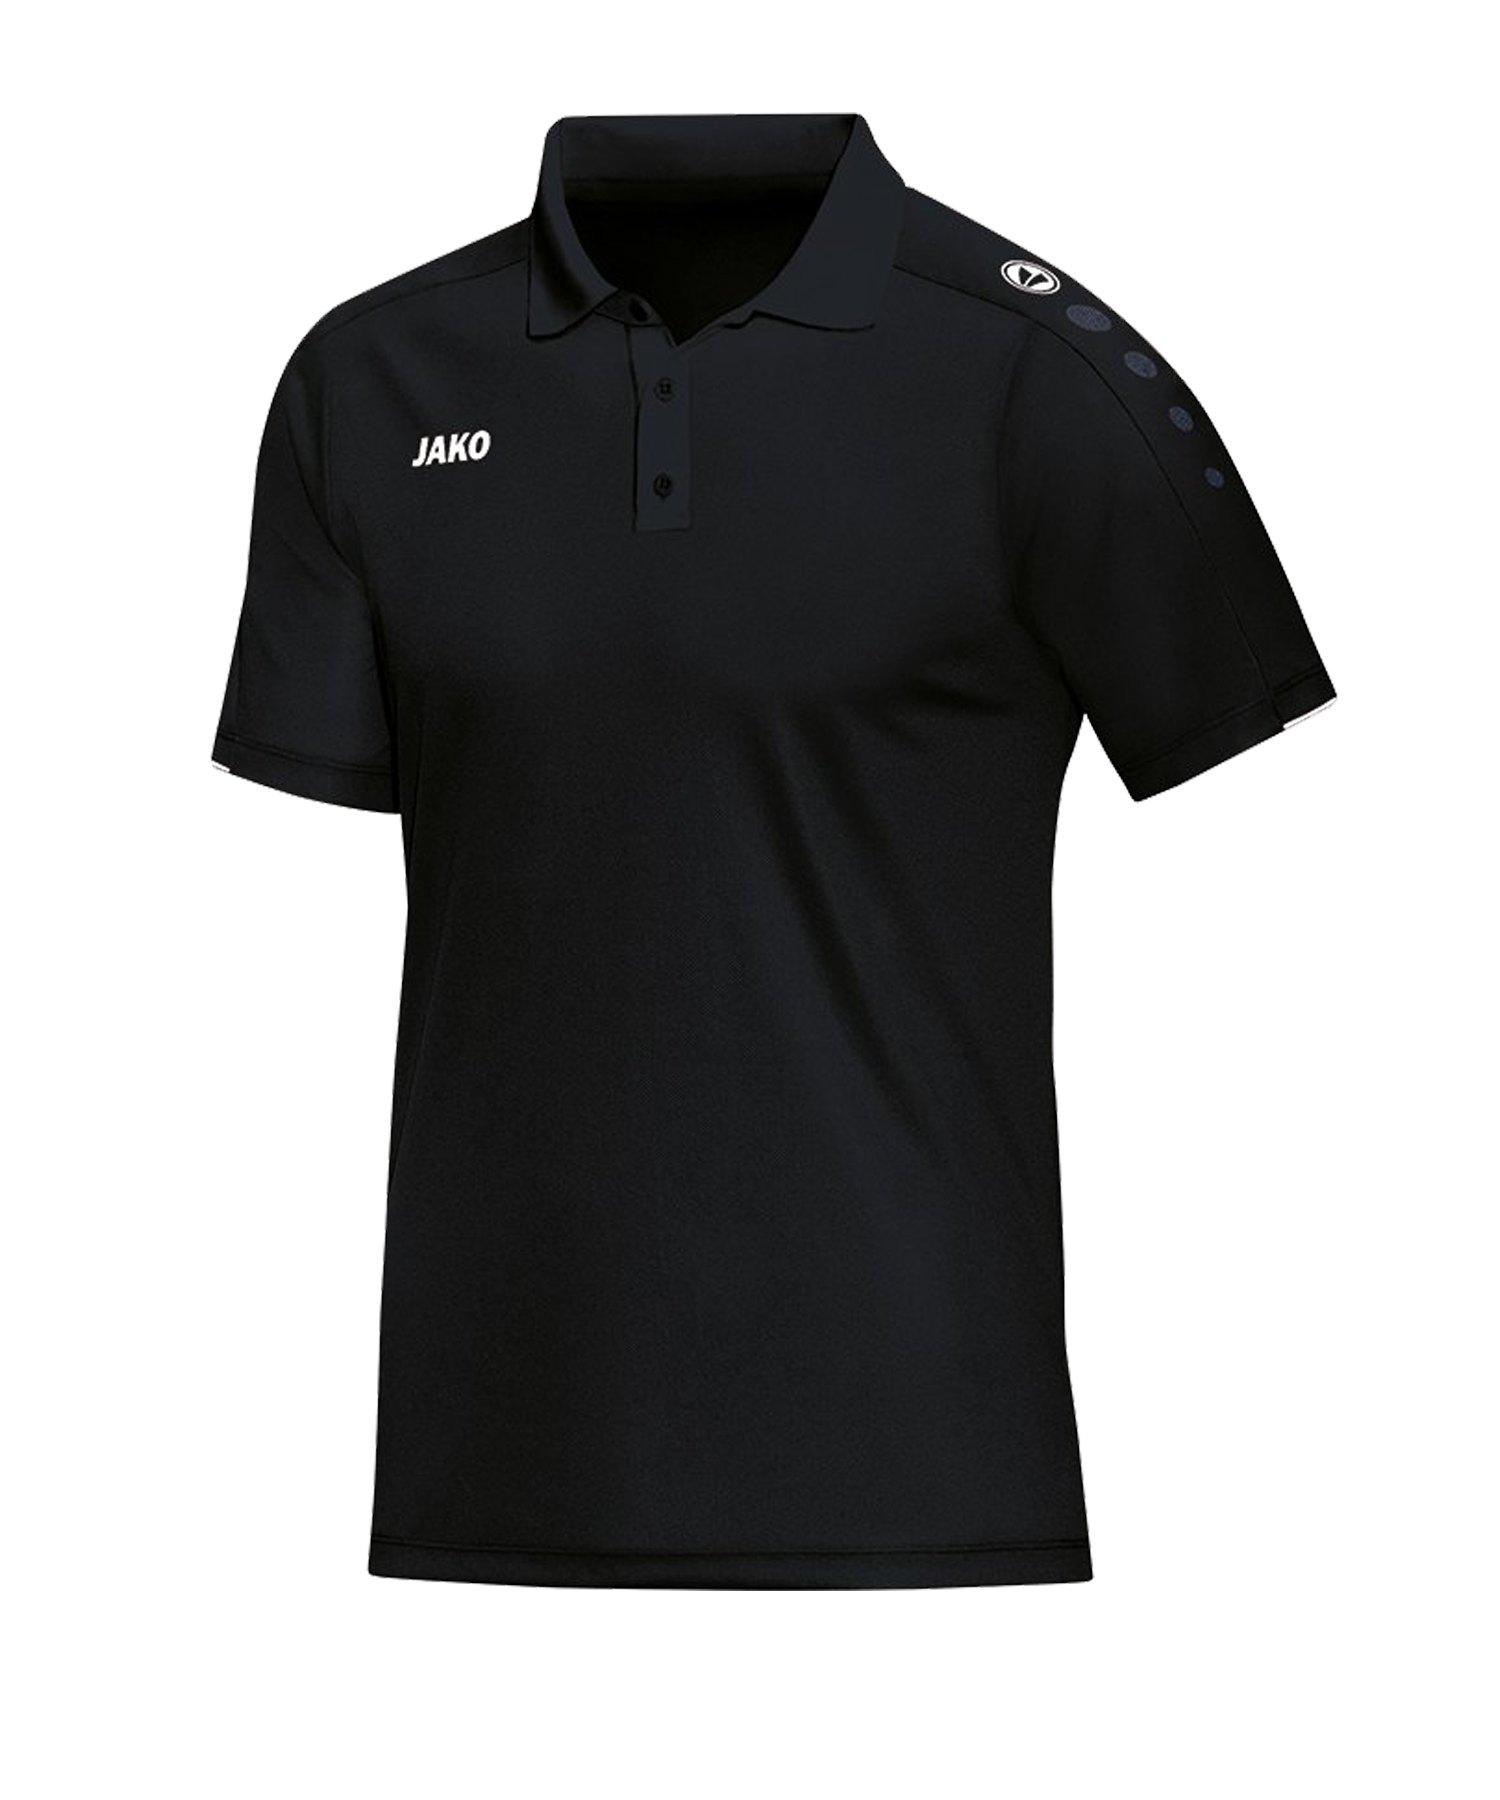 Jako Classico Poloshirt Schwarz F08 - Schwarz